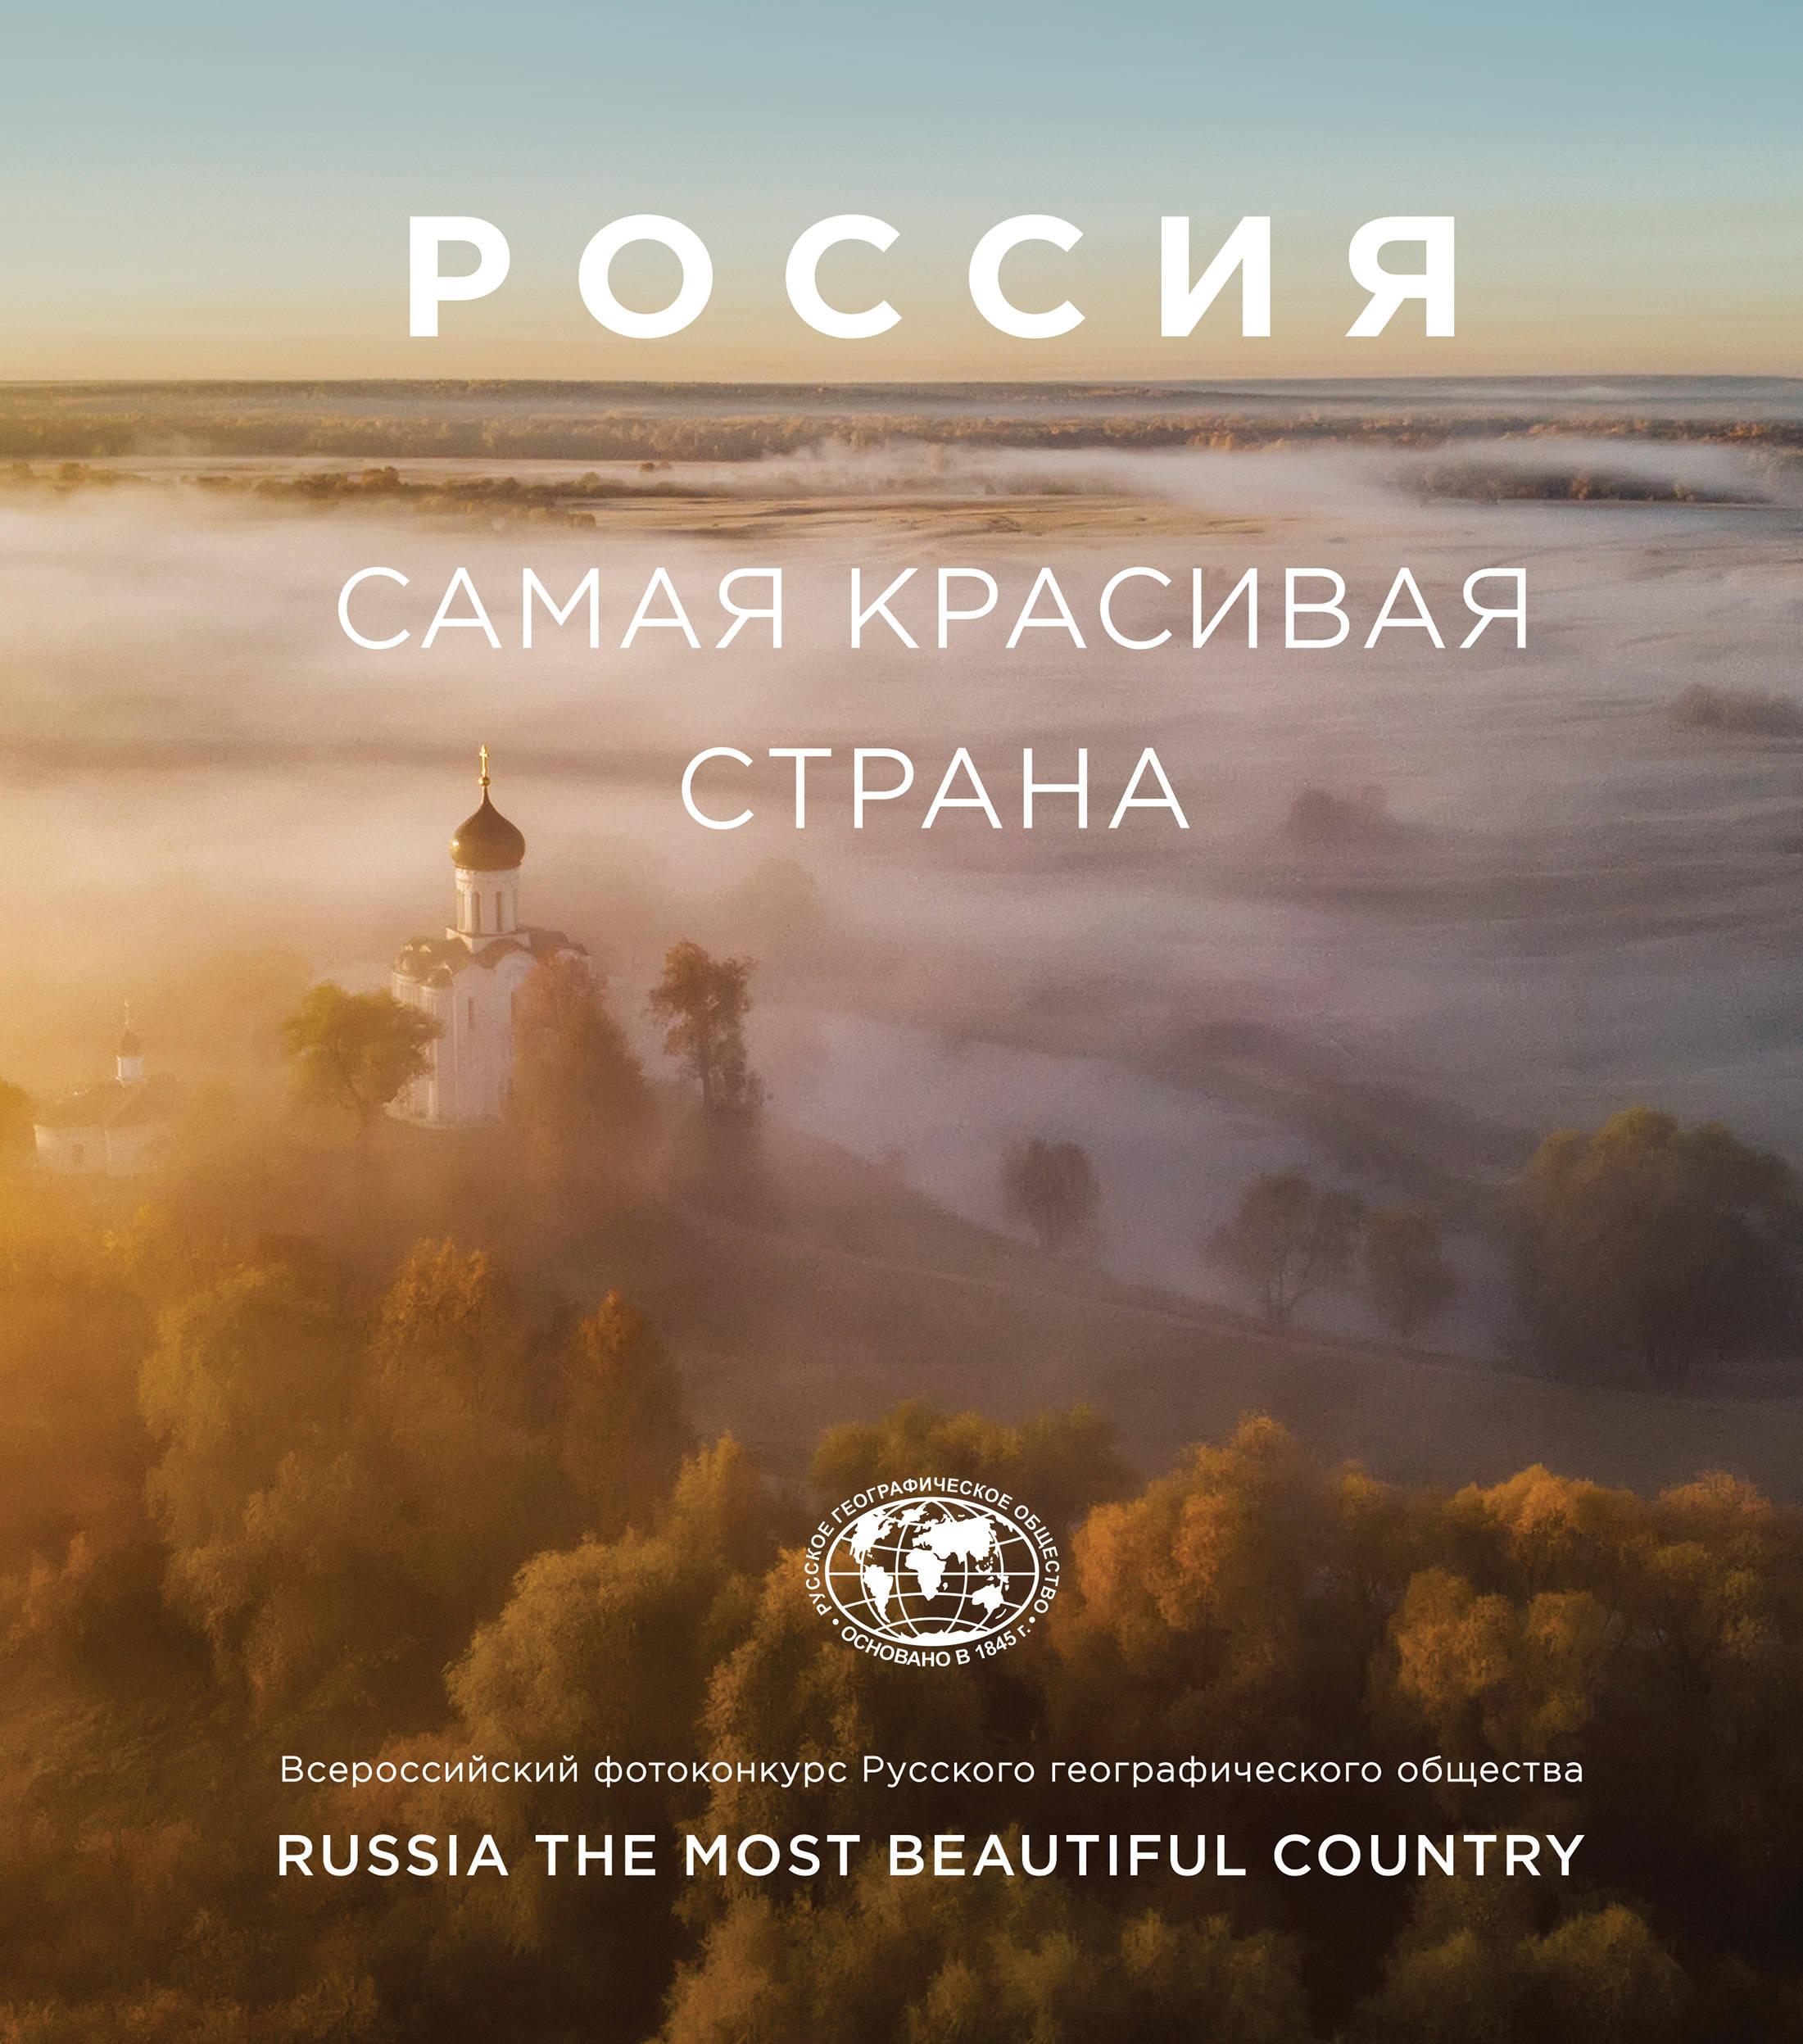 Rossija samaja krasivaja strana (fotoalbom 2)